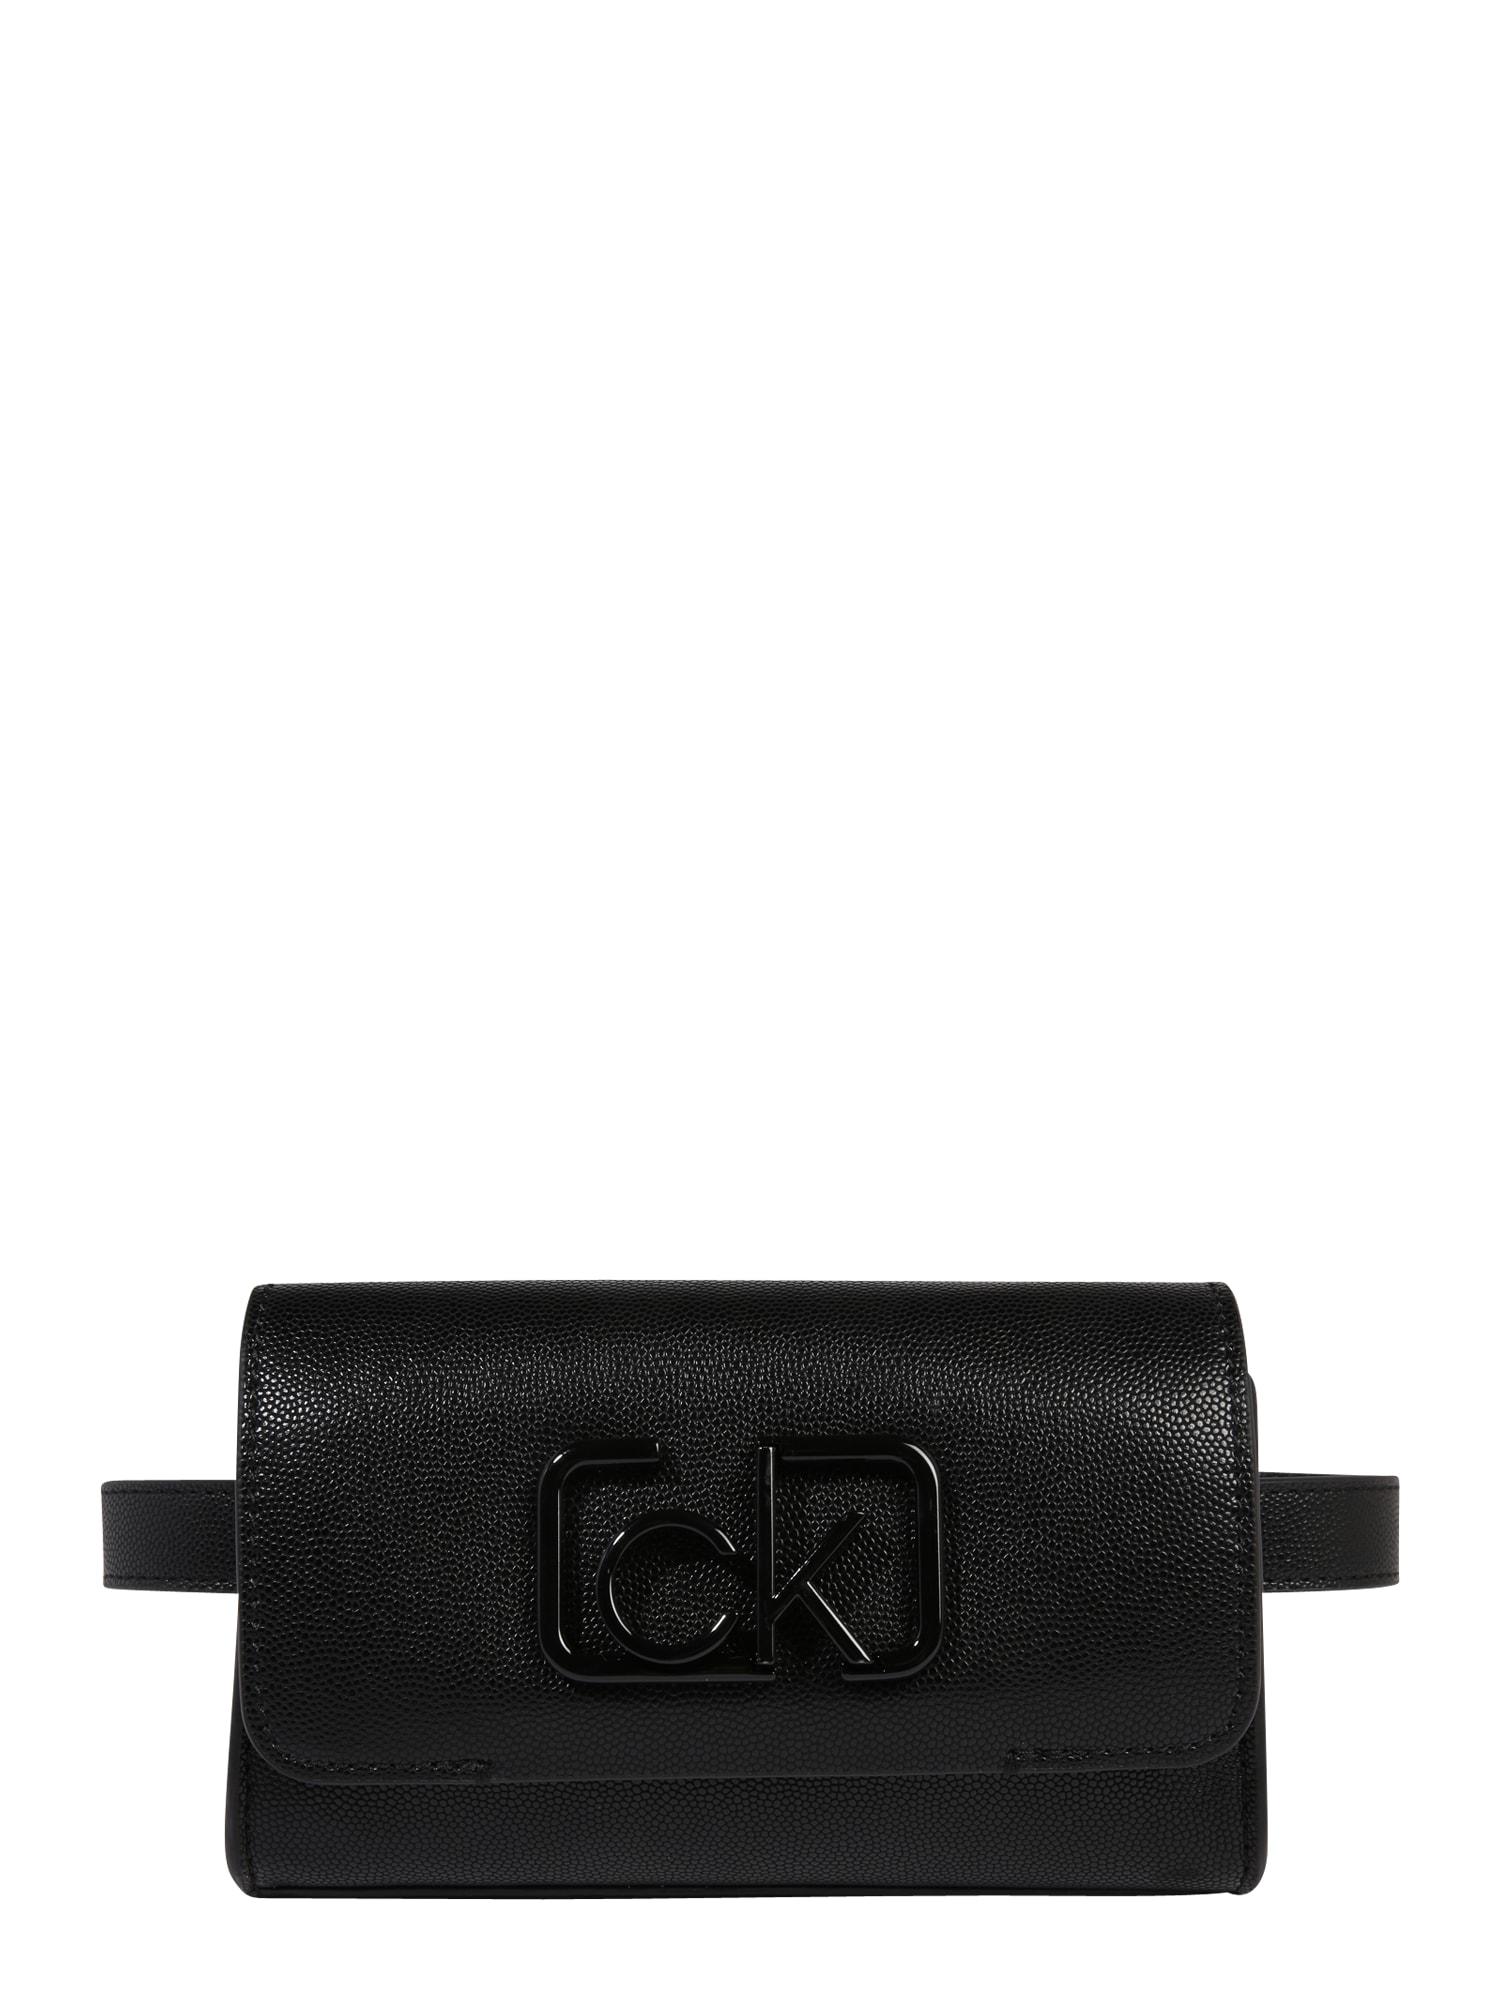 Calvin Klein Rankinė ant juosmens 'SIGNATURE' juoda